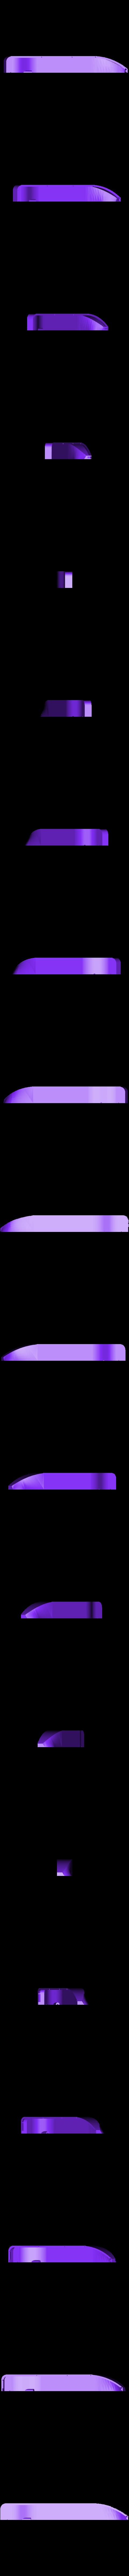 TRUPsoftL.stl Download STL file MONAKO RC MODEL BOAT TUG • 3D printable template, maca-artwork